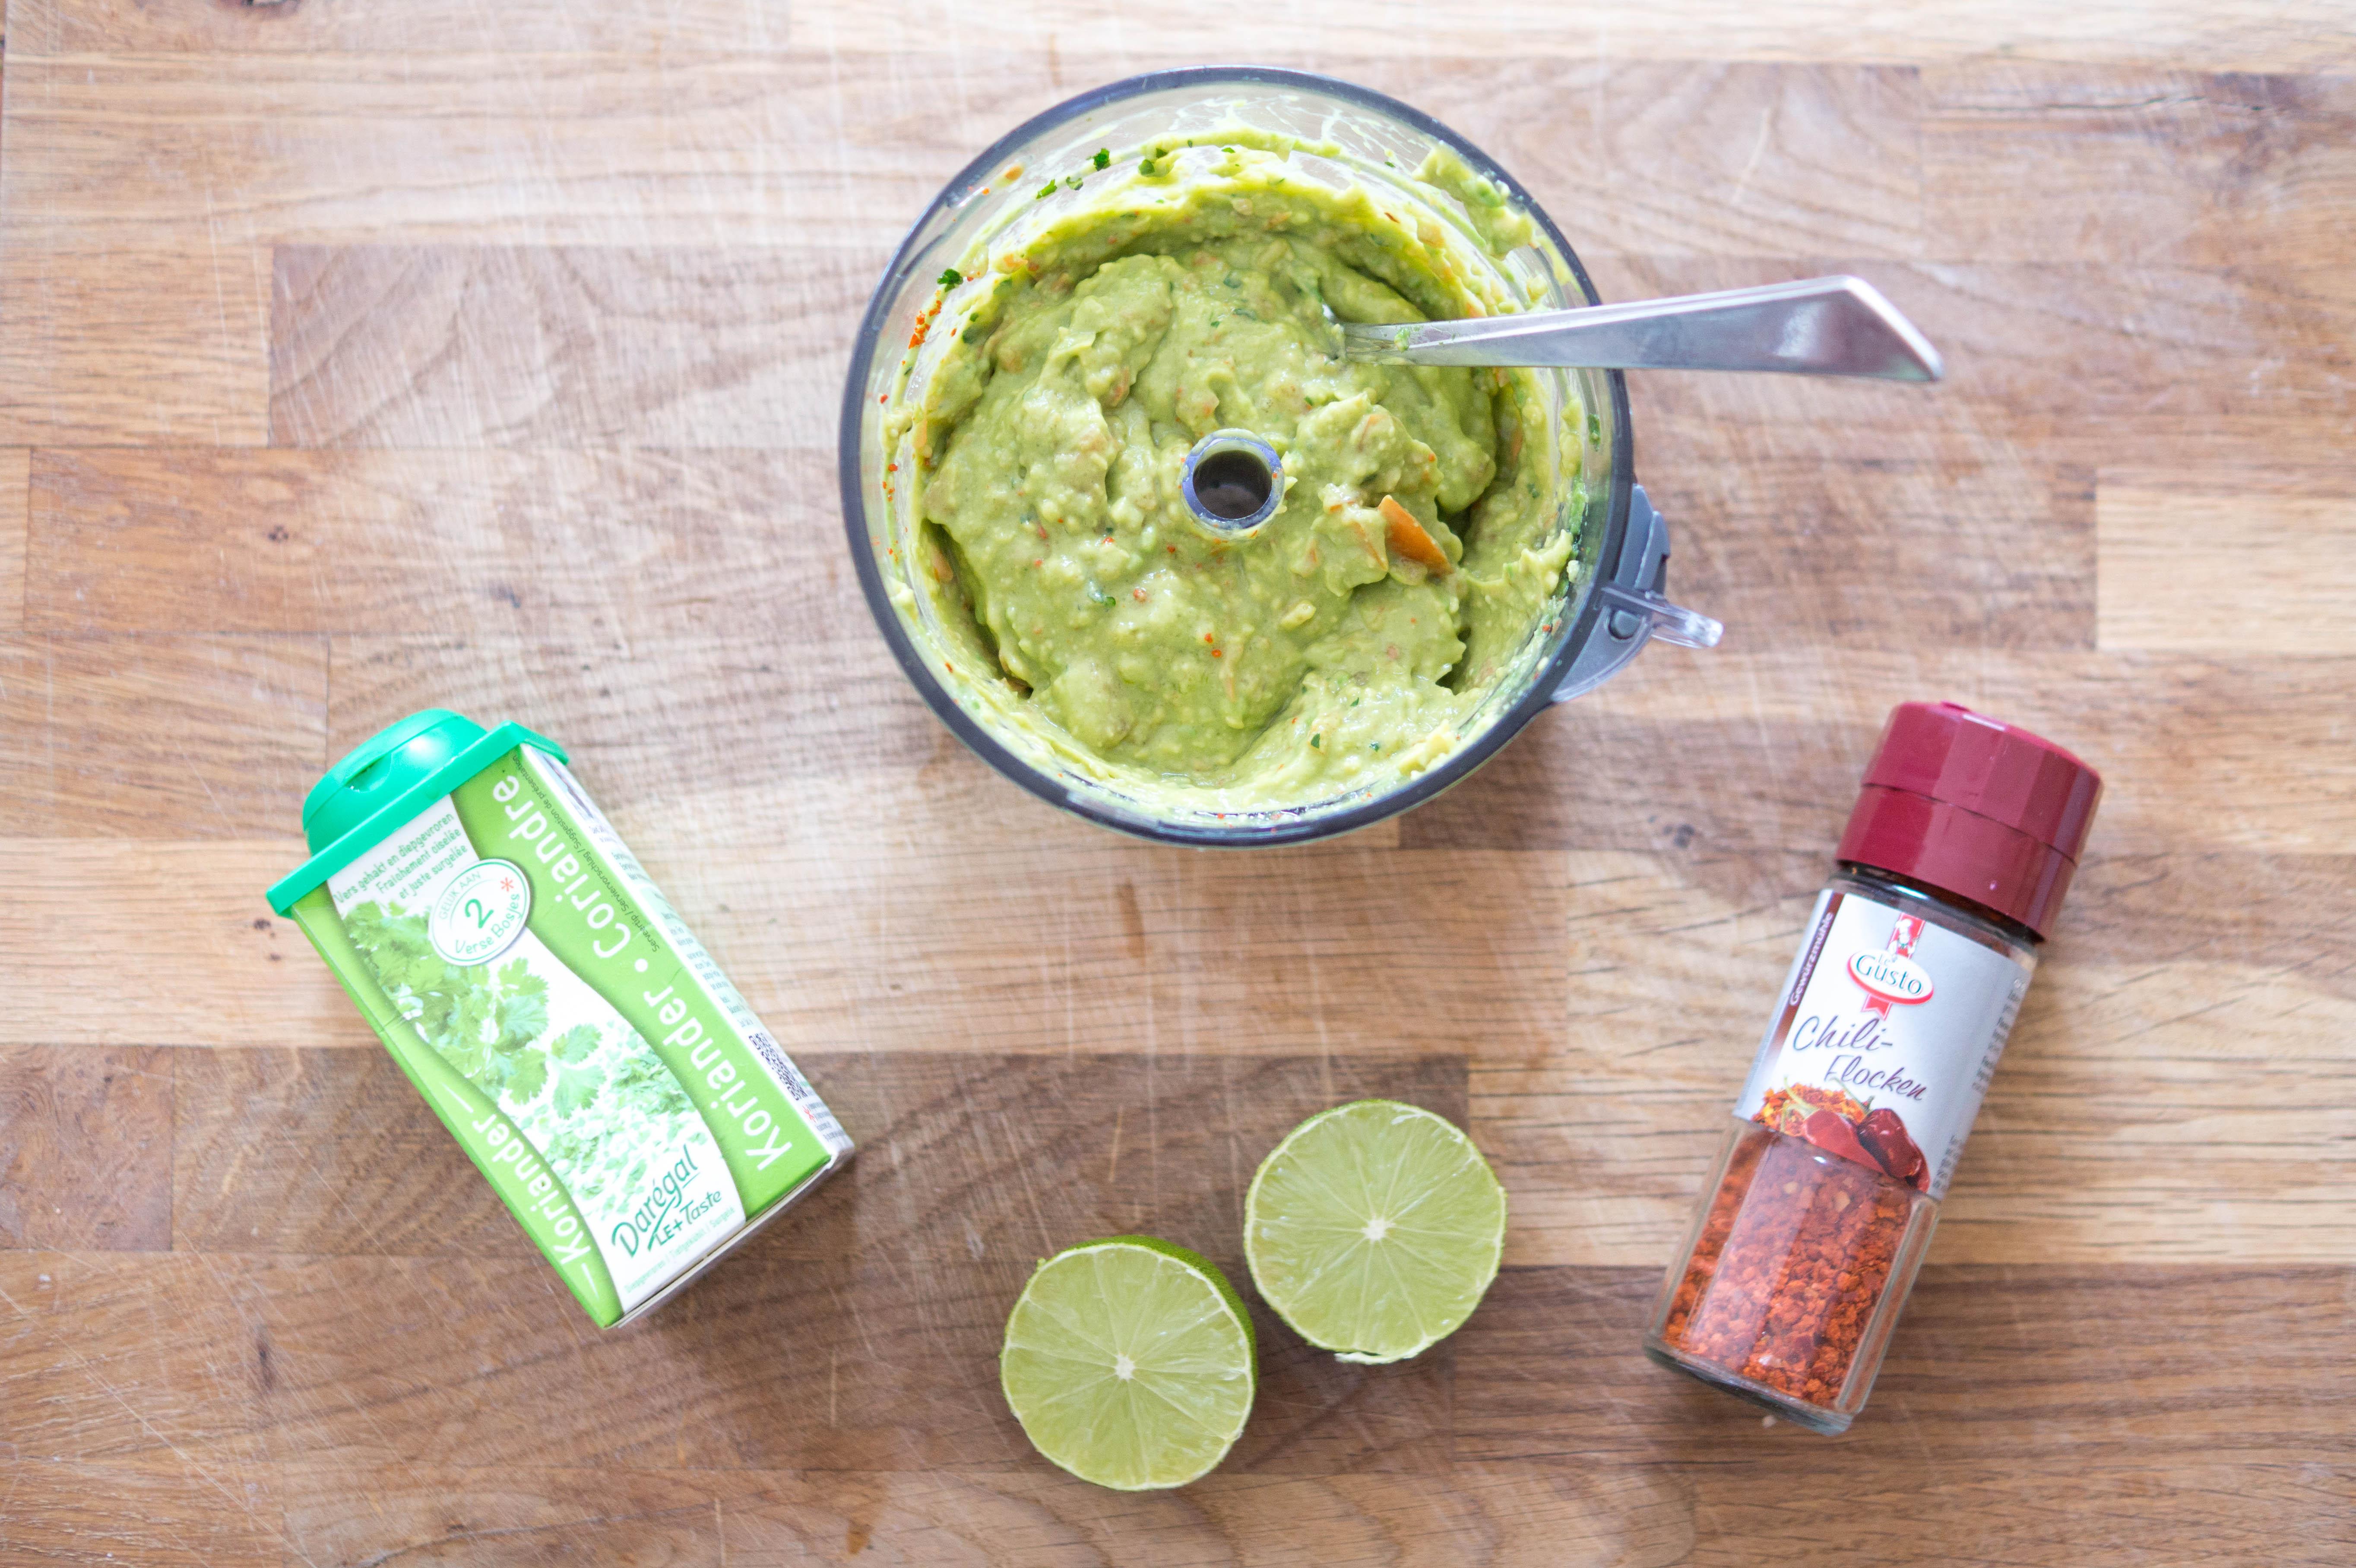 guacamole spread avocado vegan food cooking recipe chili lime